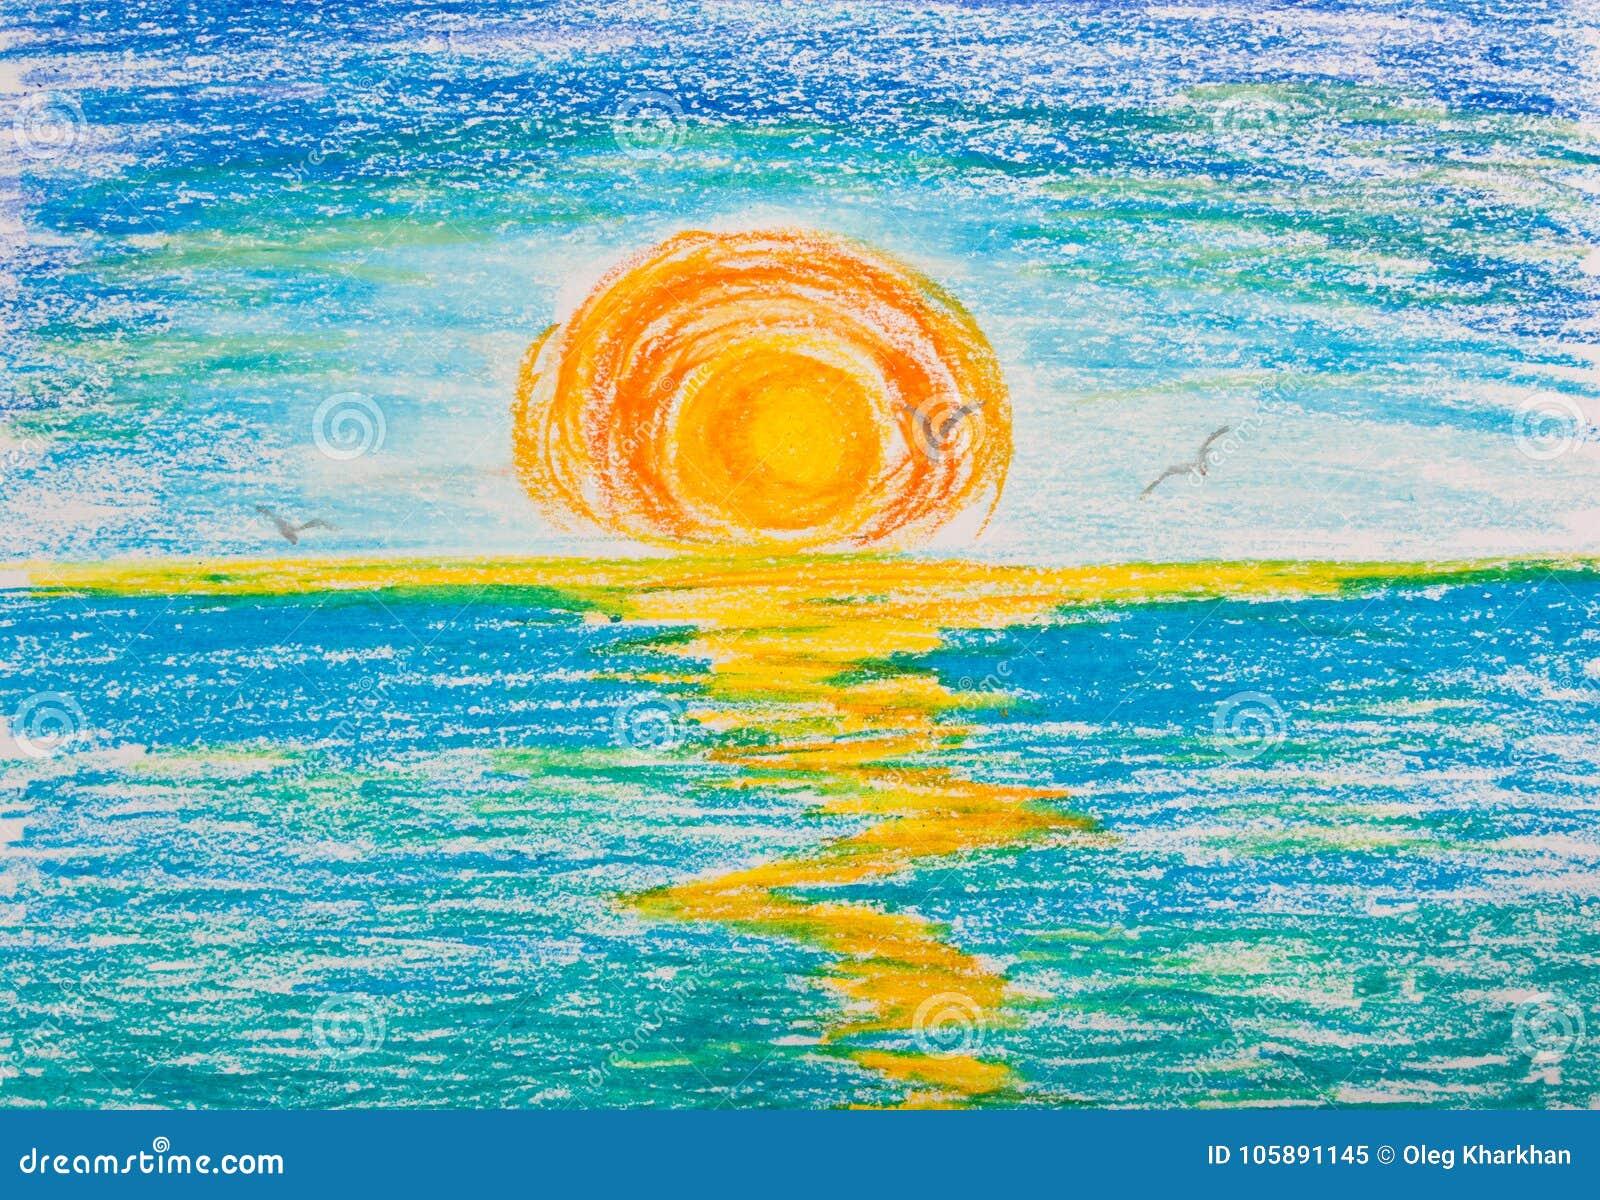 Sonnenuntergang Auf Dem Meer Mit Seemöwen Stock Abbildung ...